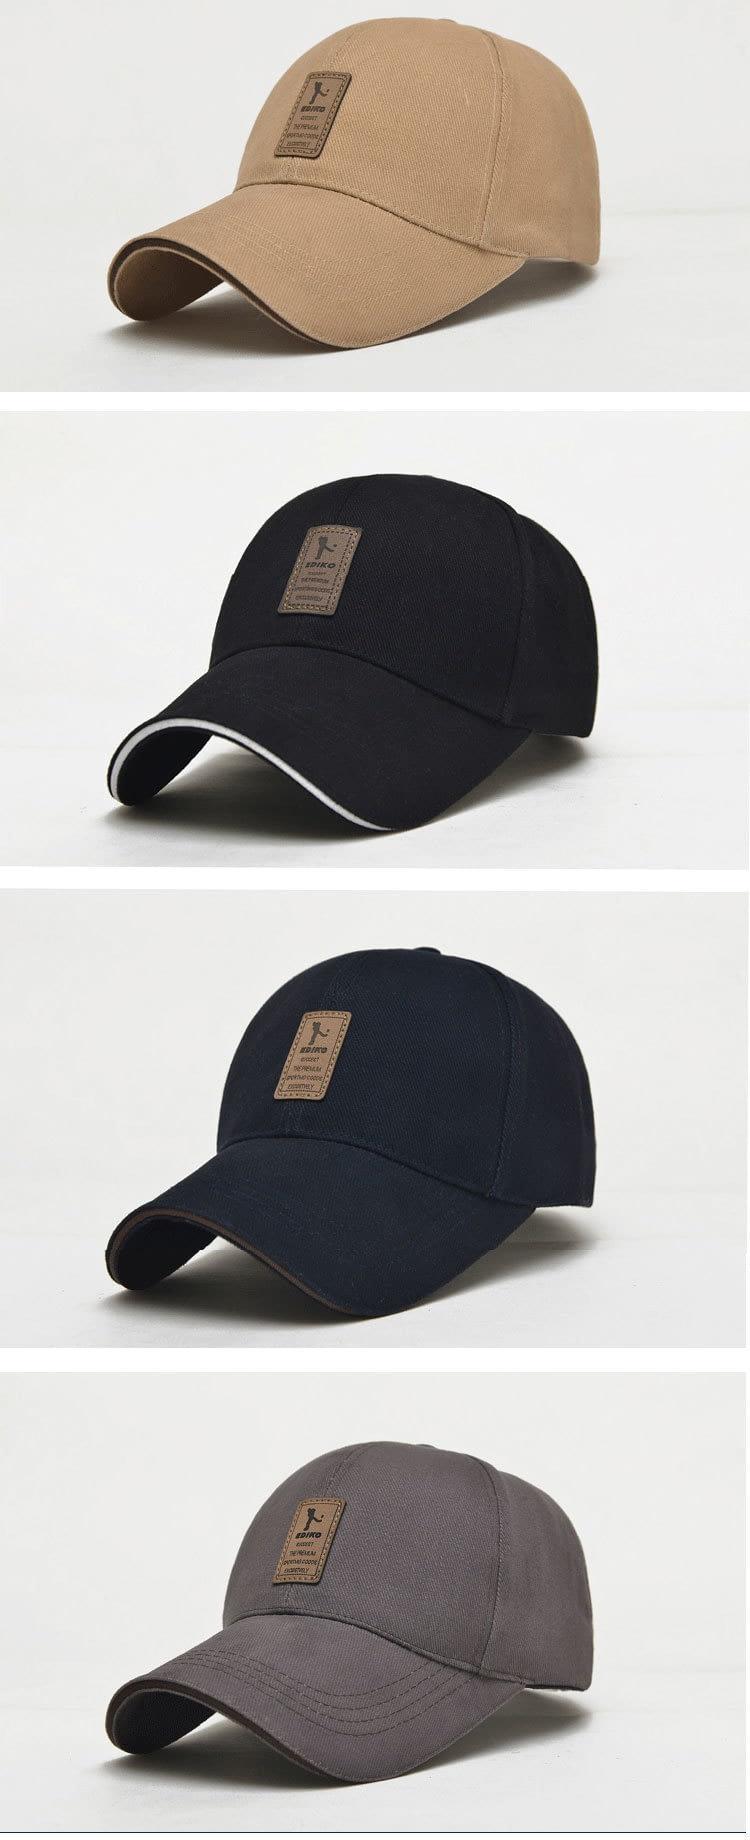 Men's New Cap Baseball Cap, Snapback Cap, Adjustable Hat 124